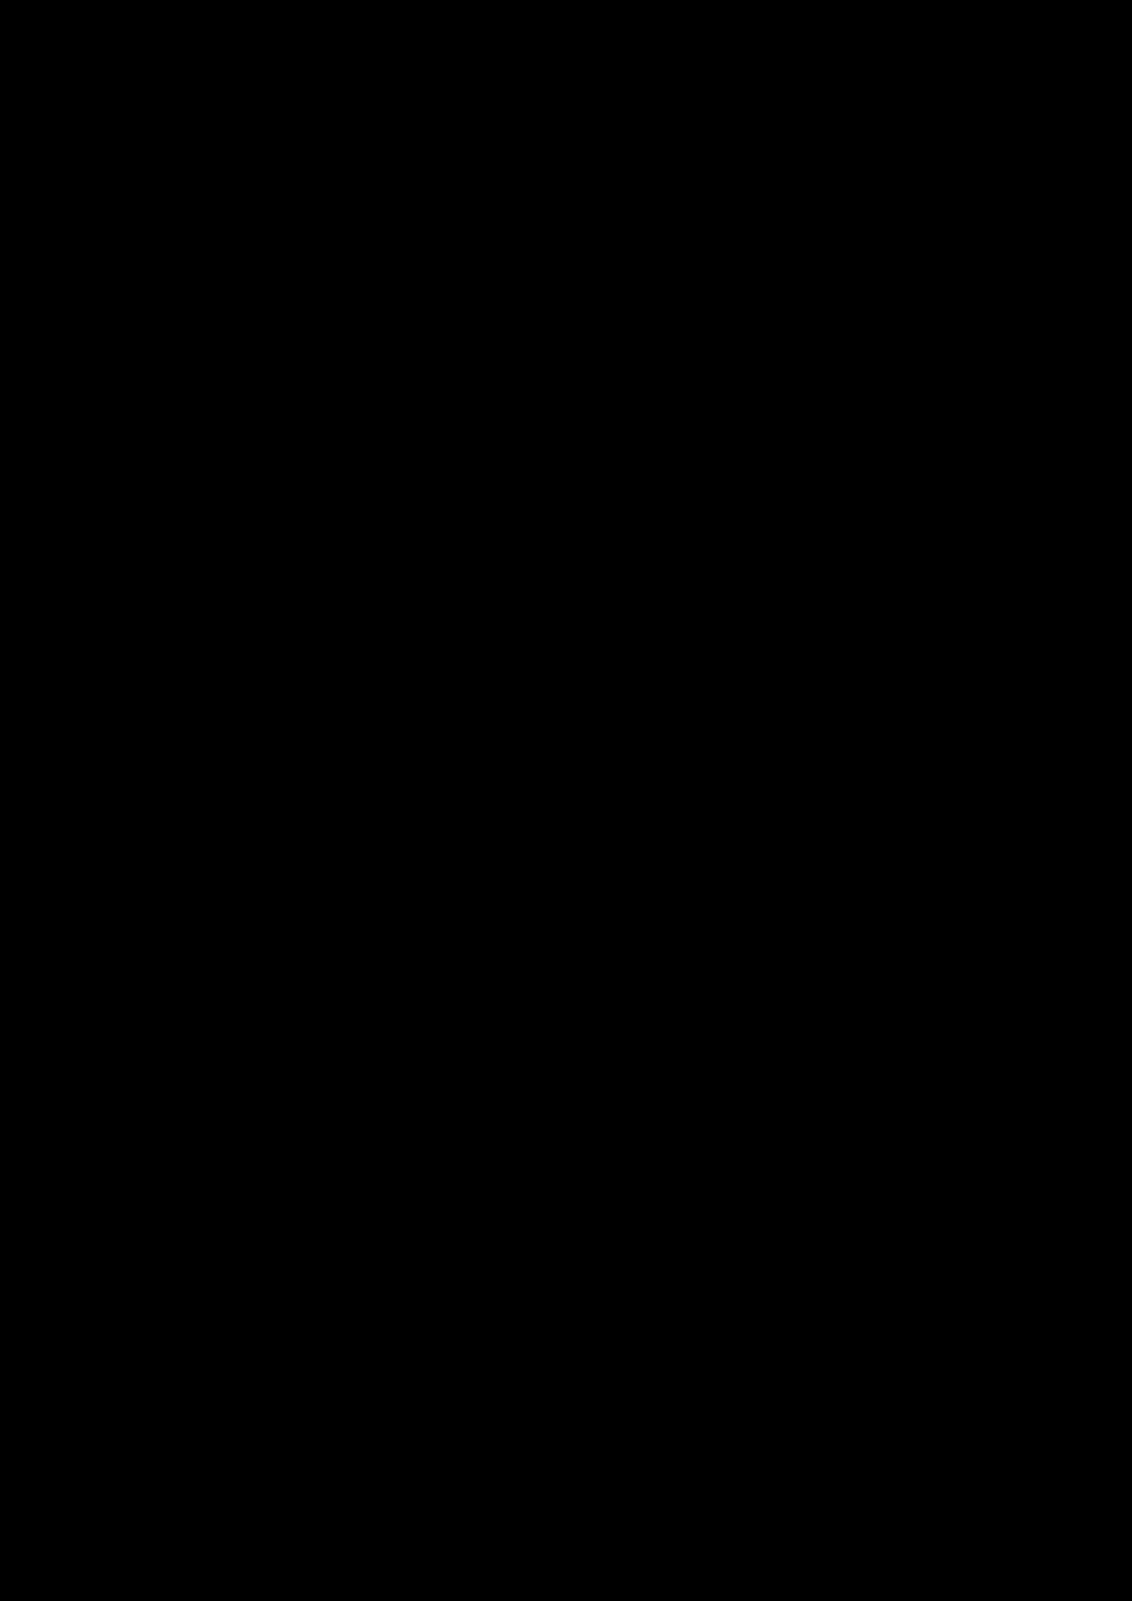 Serdtse slide, Image 57